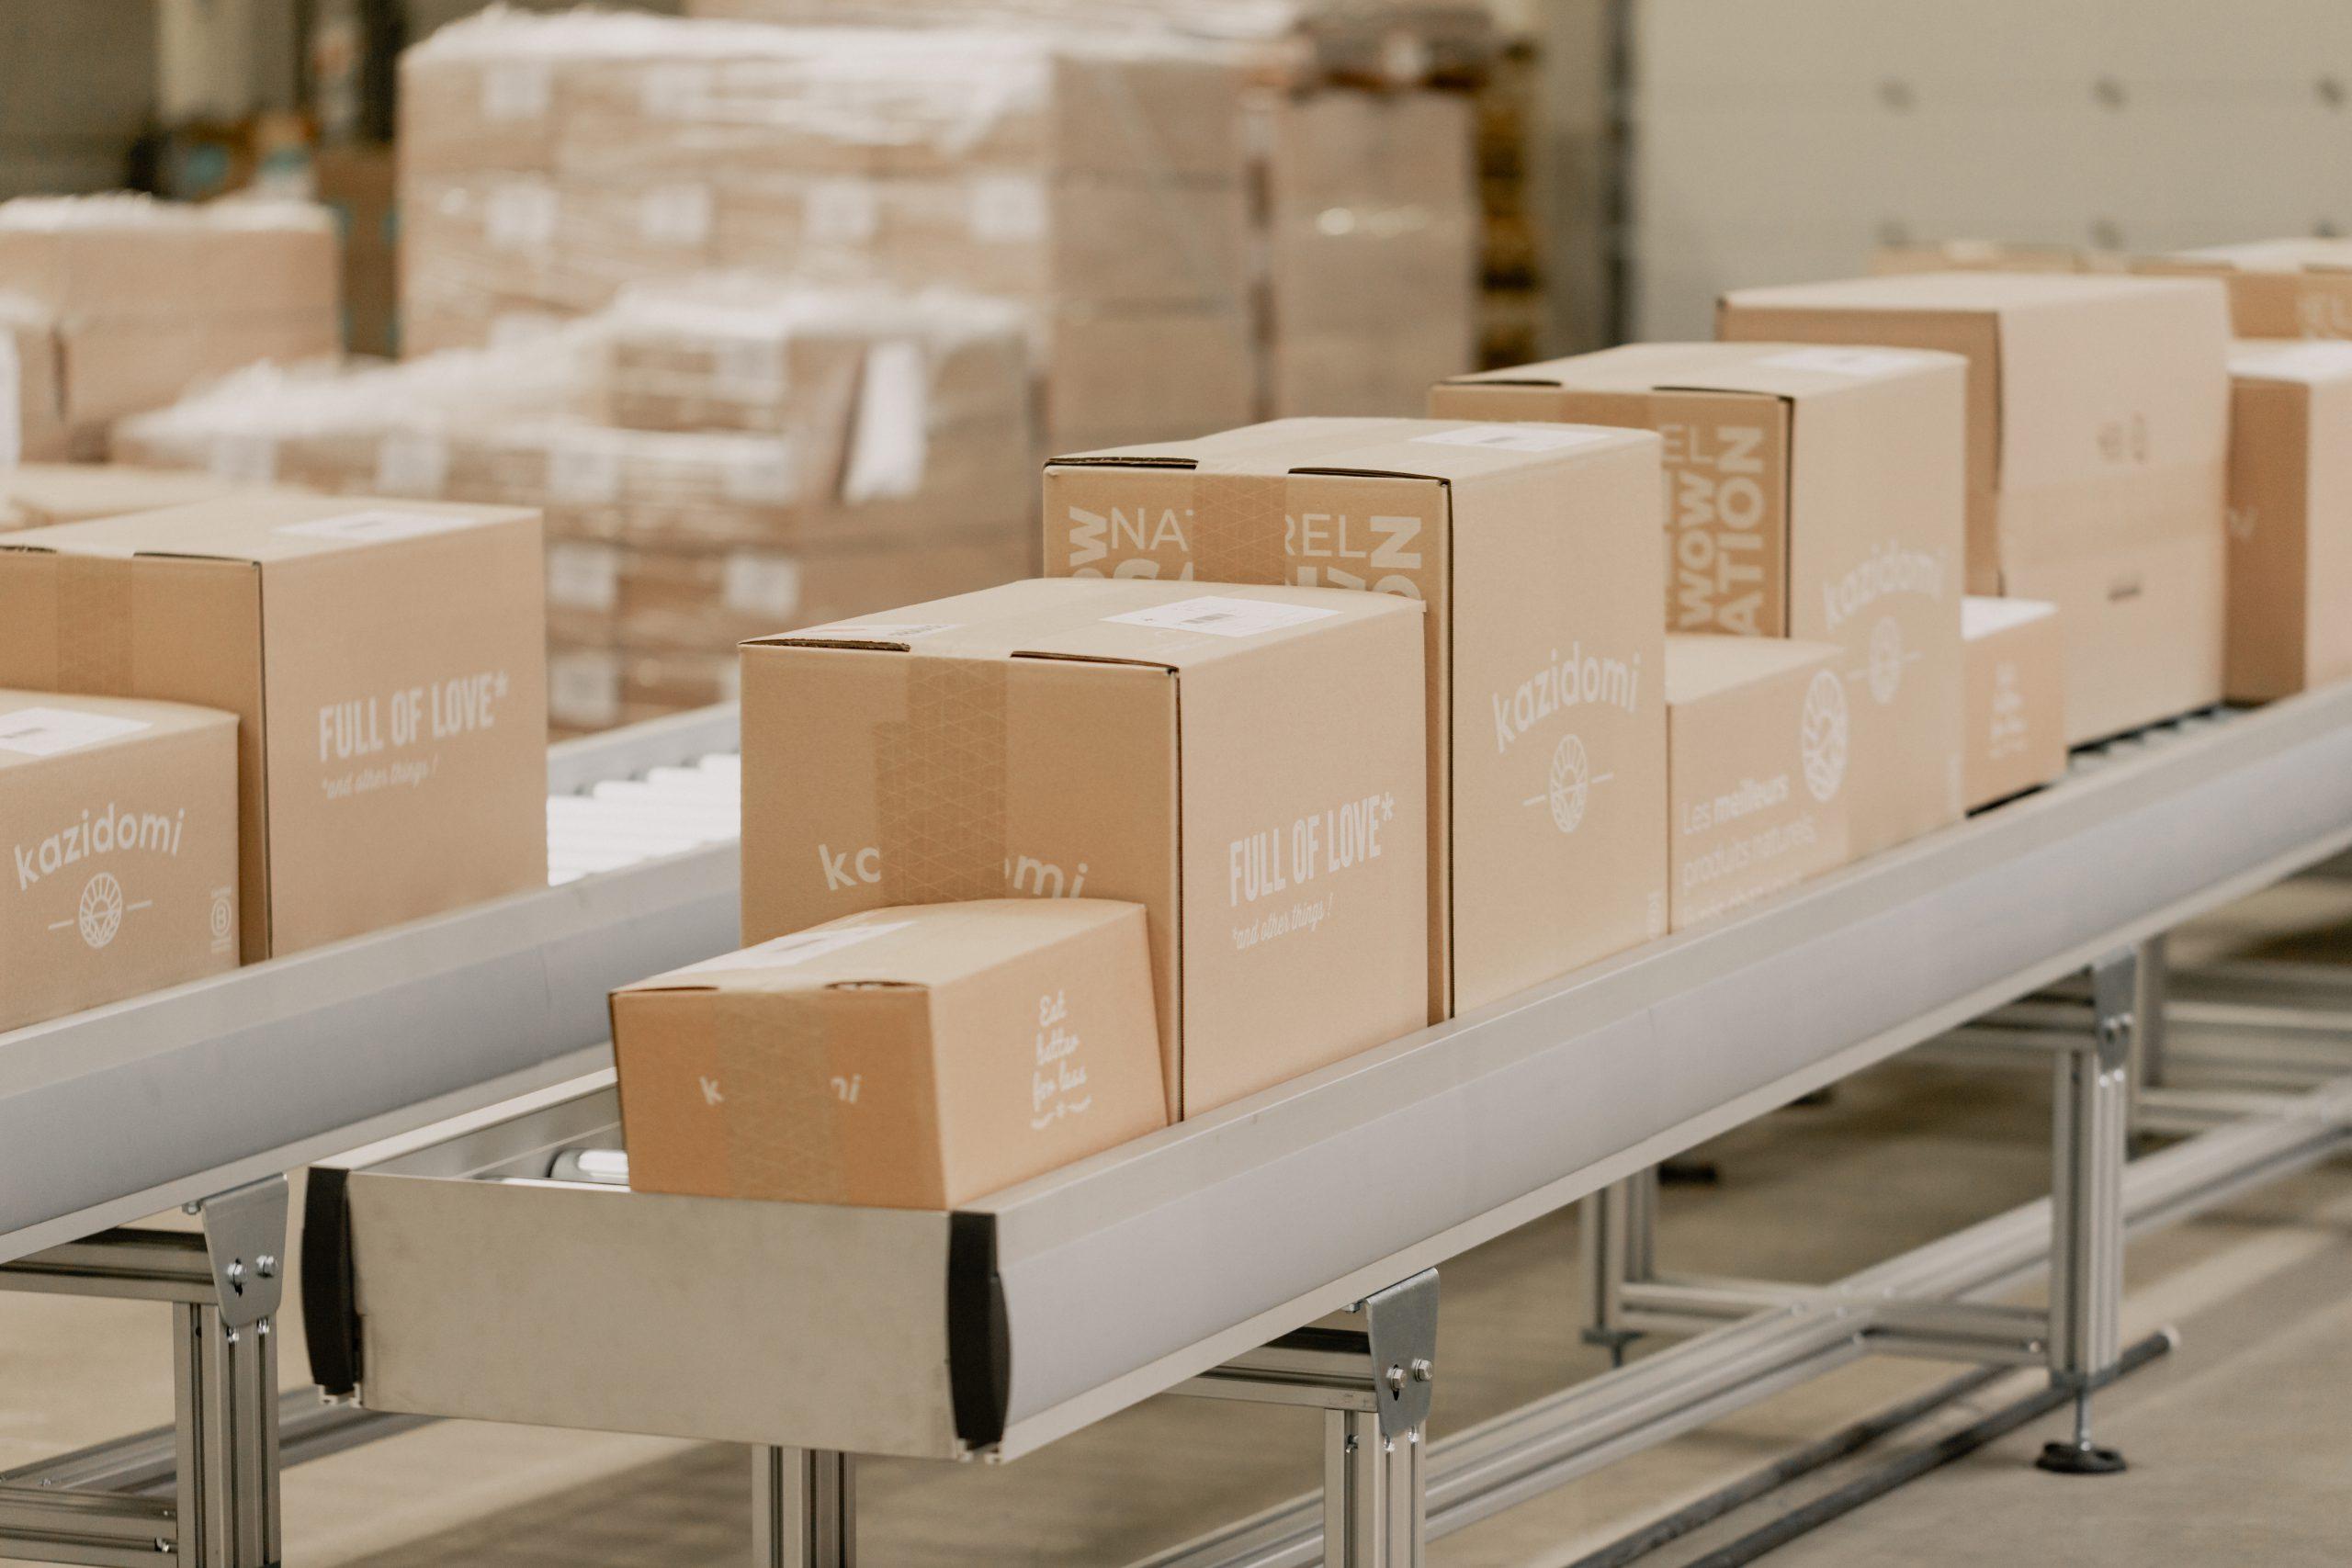 Succession d'emballages en carton personnalisés Kazidomi